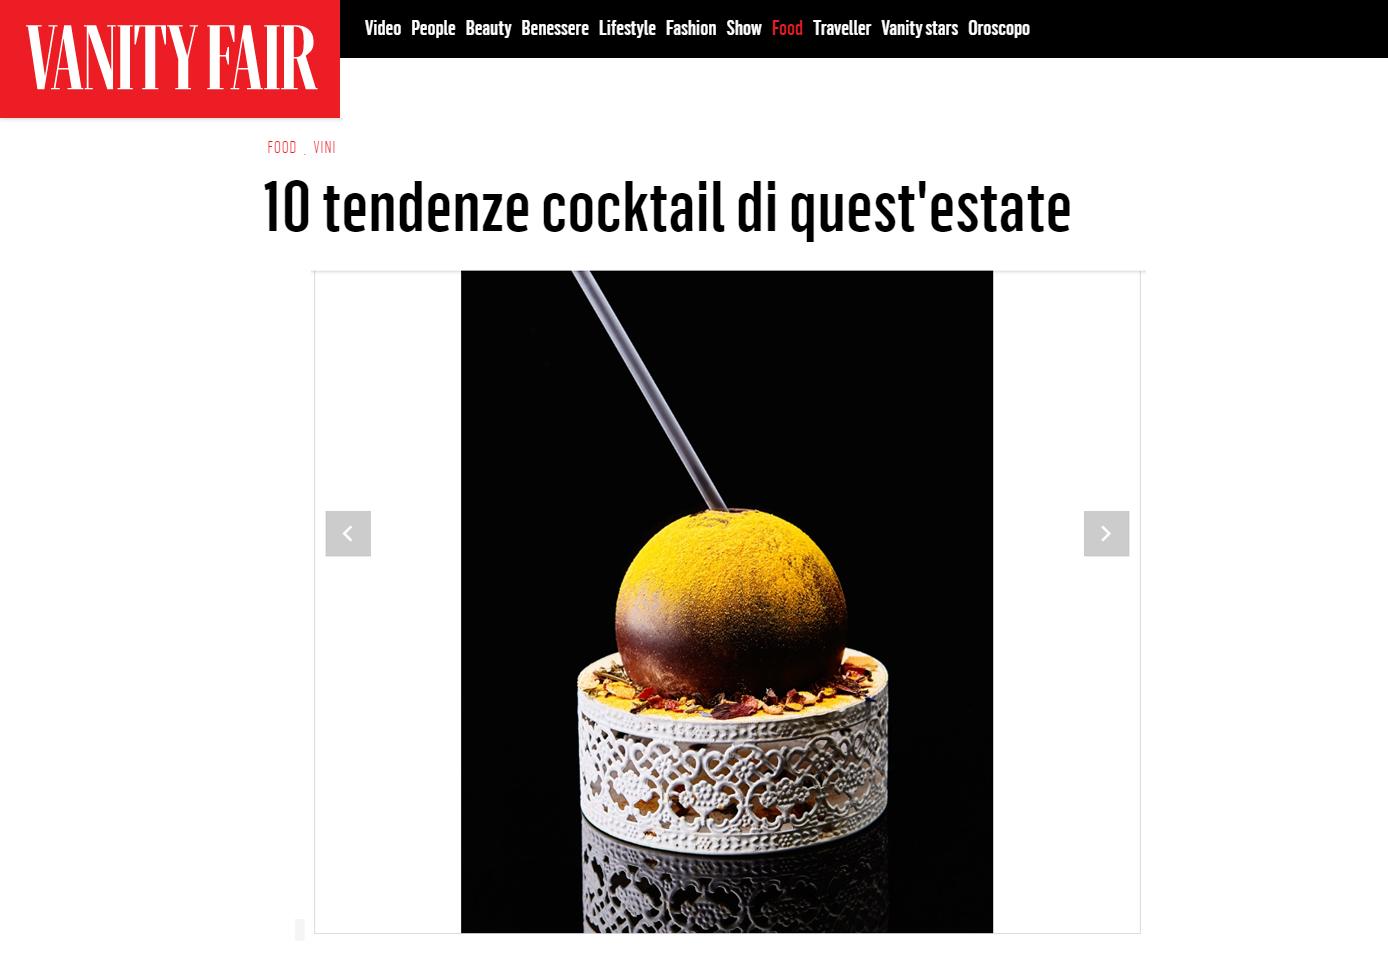 Vanity Fair Fabio Camboni bartender